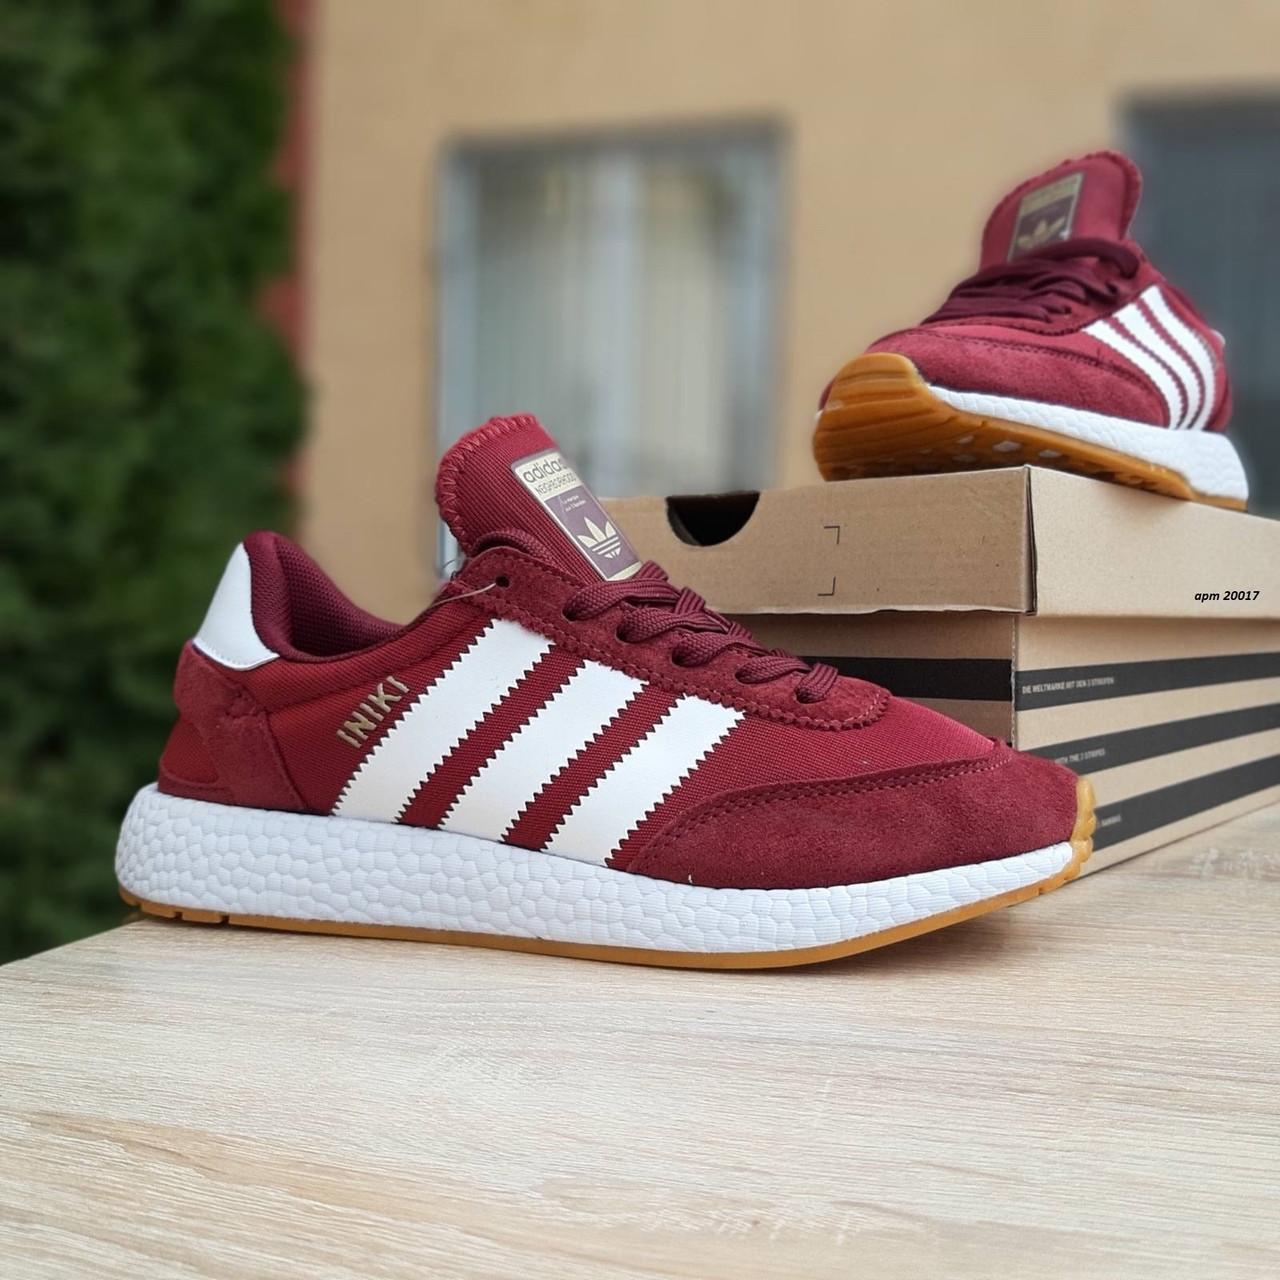 Кросівки розпродаж АКЦІЯ 650 грн останні розміри Adidas 40й(25,5 см), 41й(26см) копія люкс